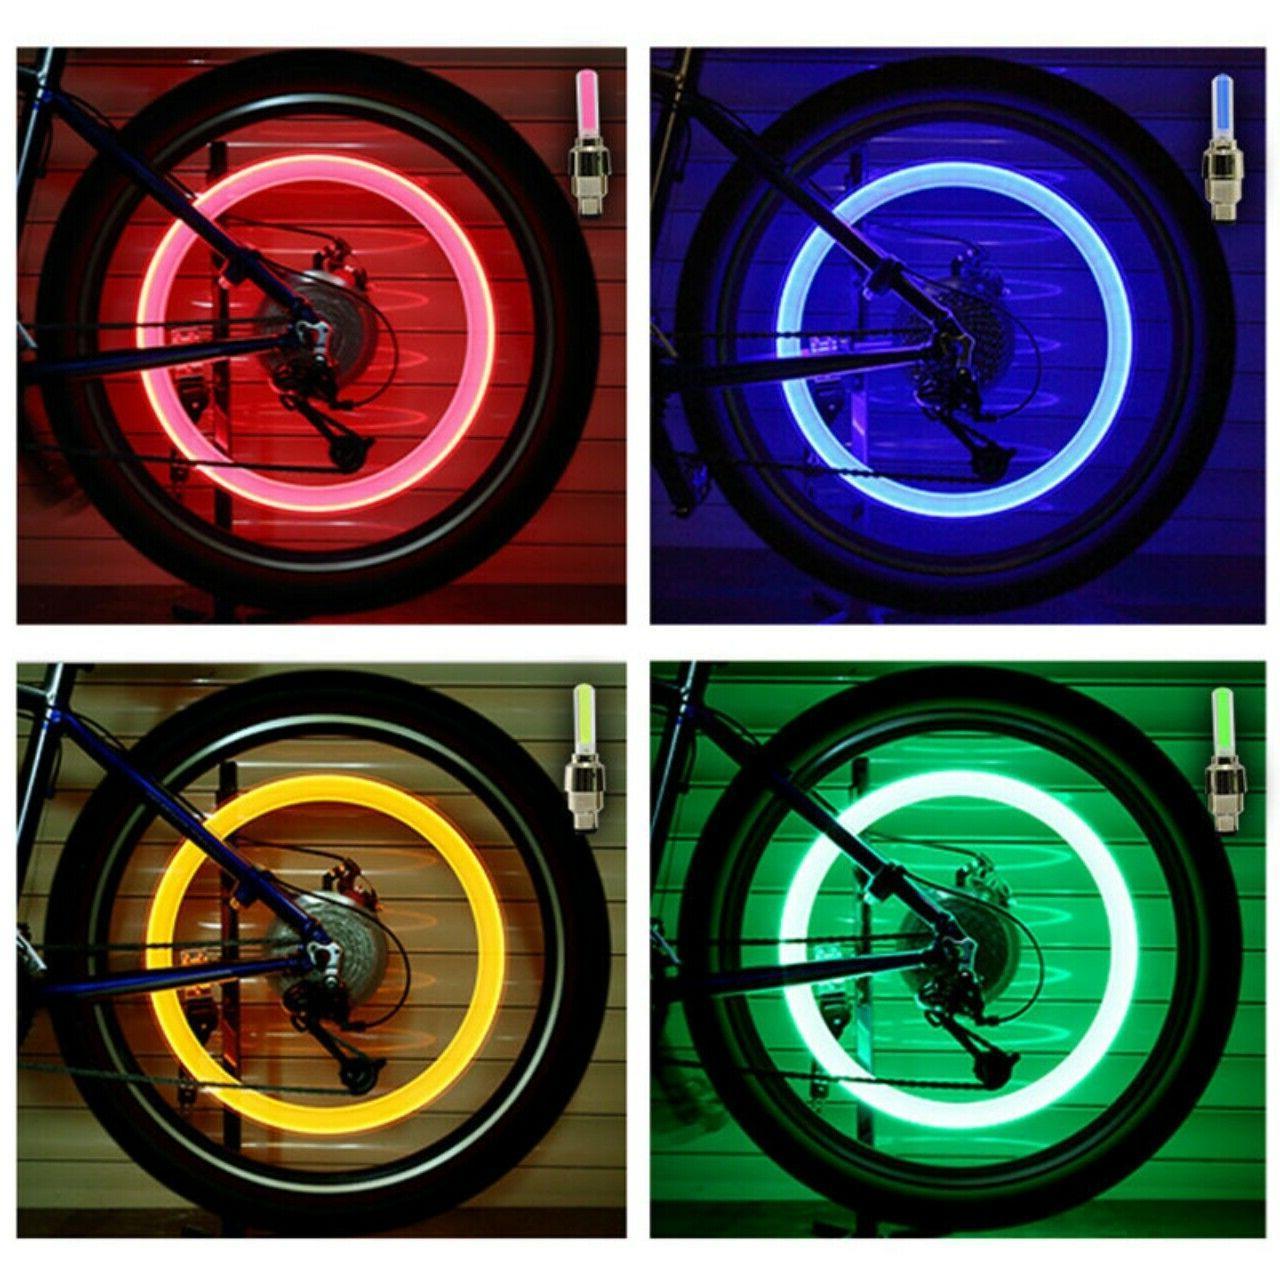 hot led neon light valve stem cap